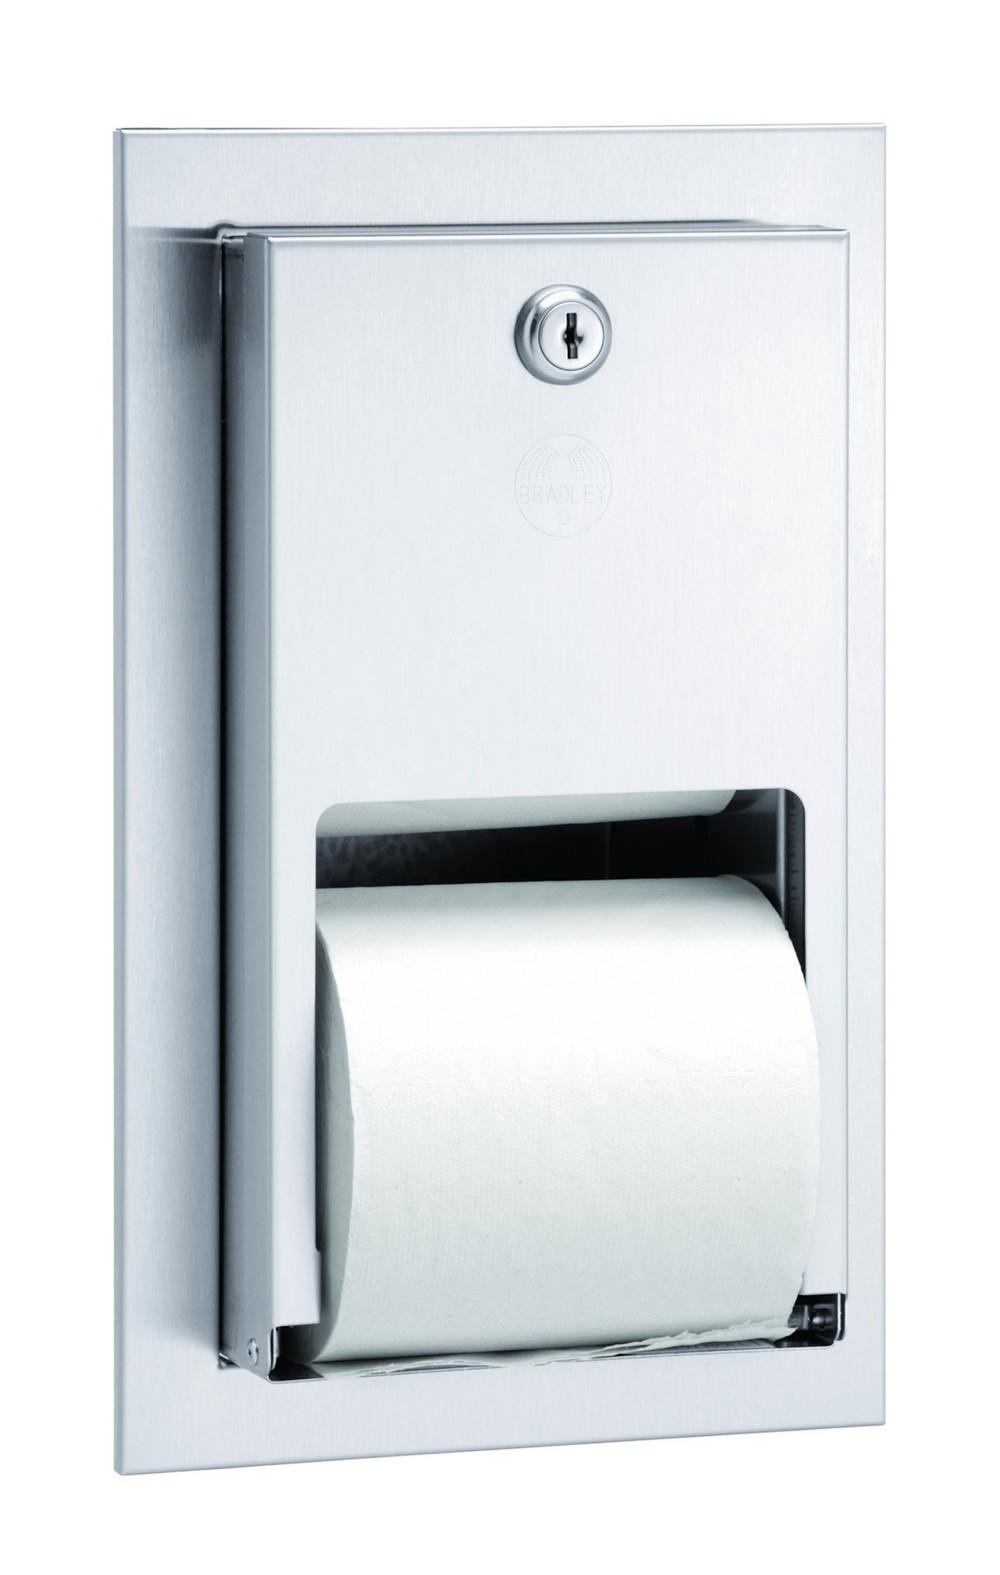 Bradley 5412 000000 Toilet Tissue Dispenser Recessed Dual